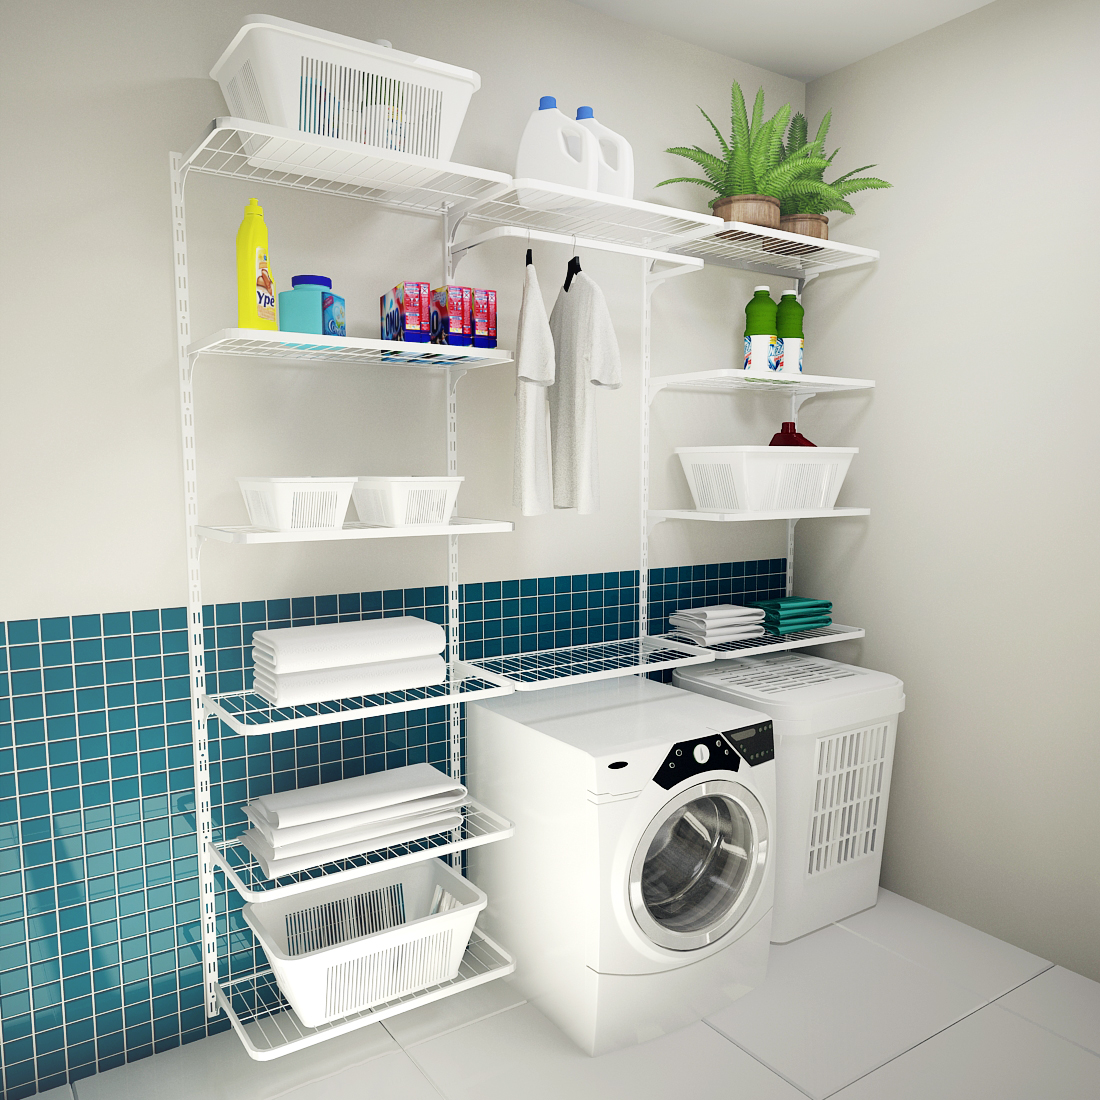 Como organizar a lavanderia da melhor forma  Notcias de